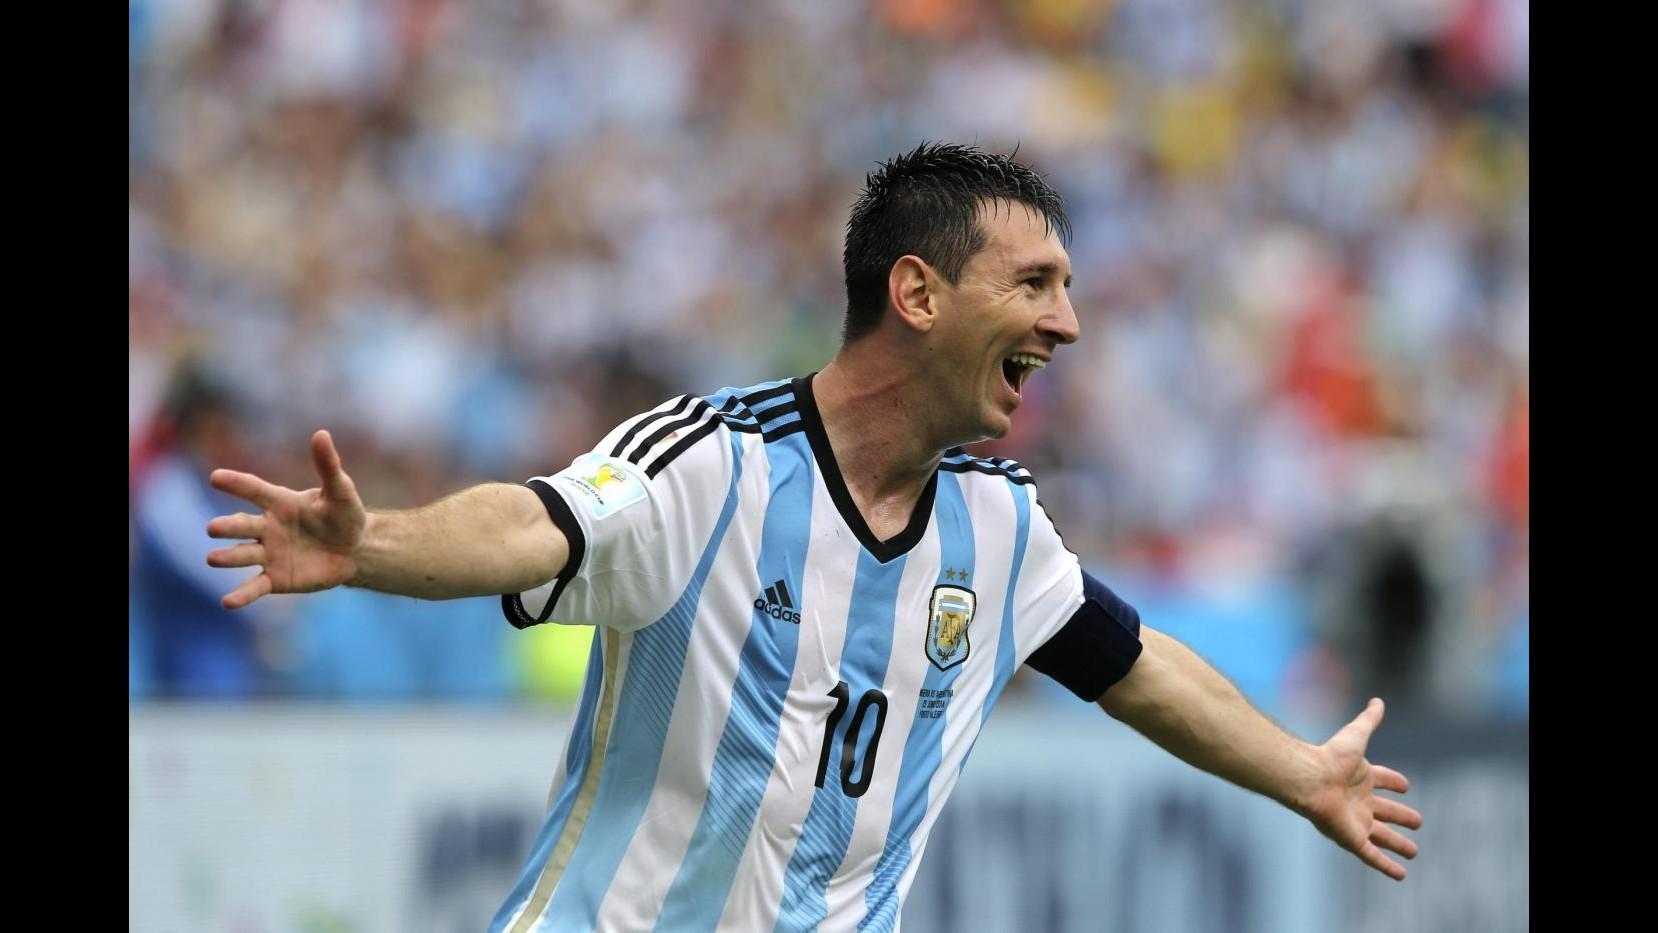 Mondiali 2014, Messi: Argentina migliorata, continuiamo a sognare